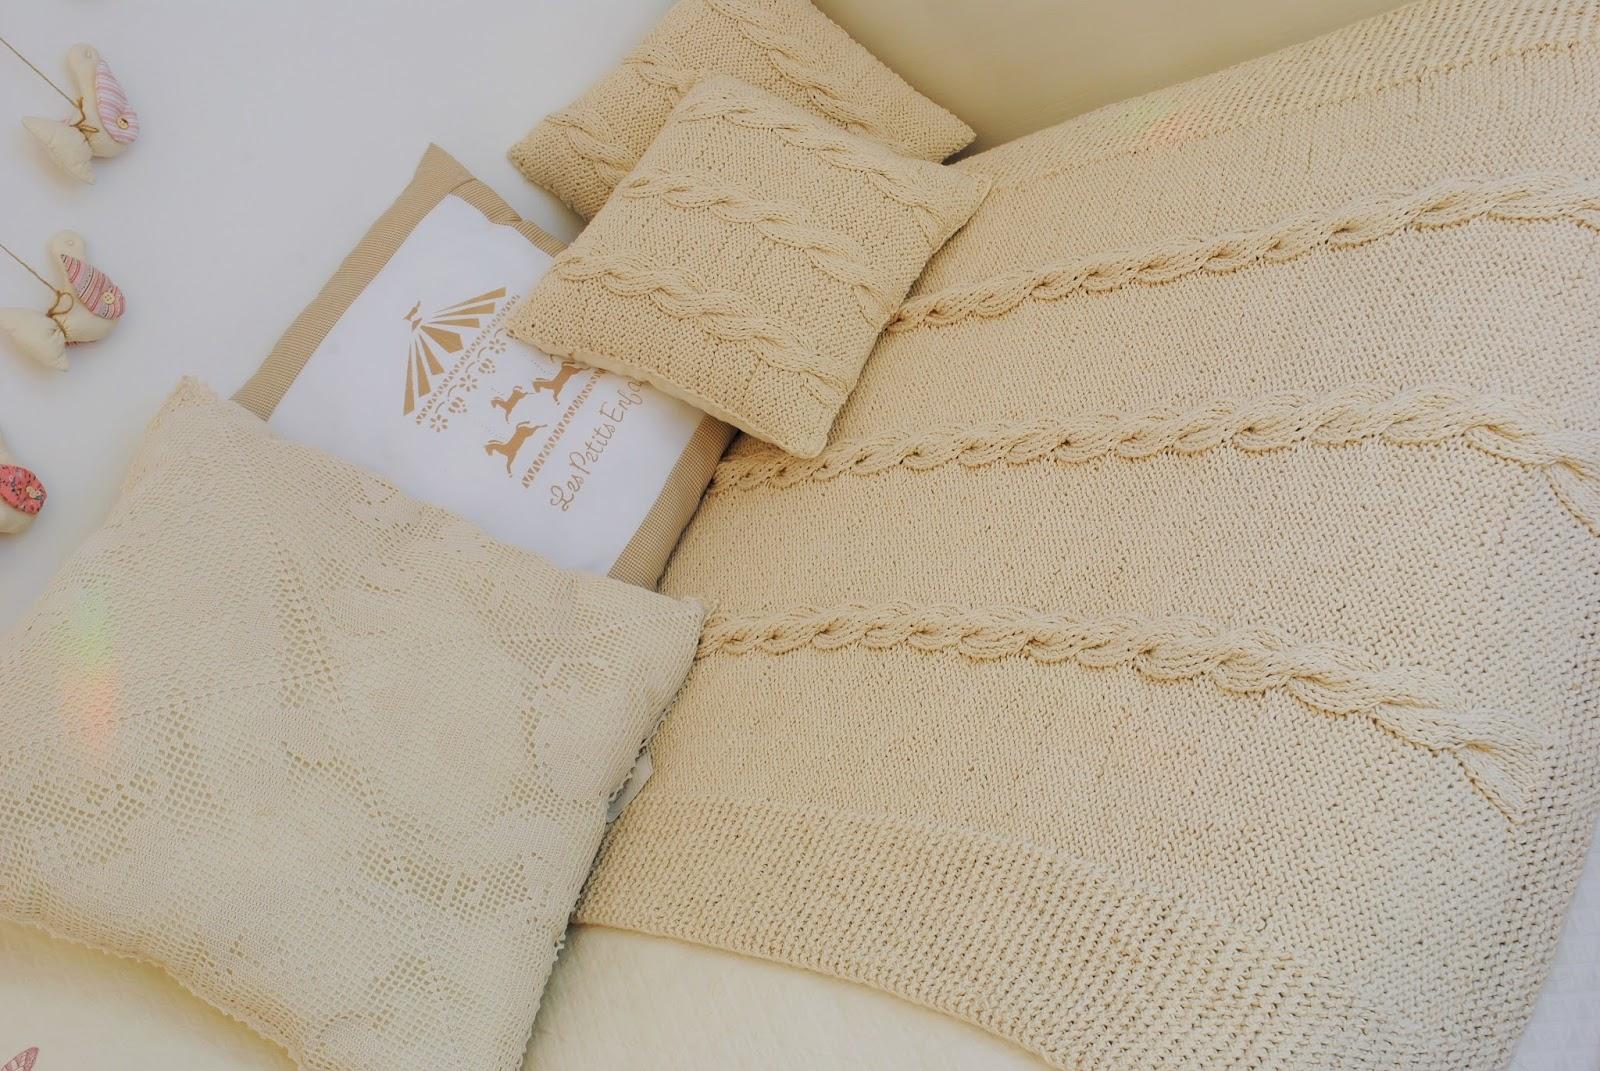 Paz montealegre decoraci n piecera tejida a mano - Ropa de cama para hosteleria ...